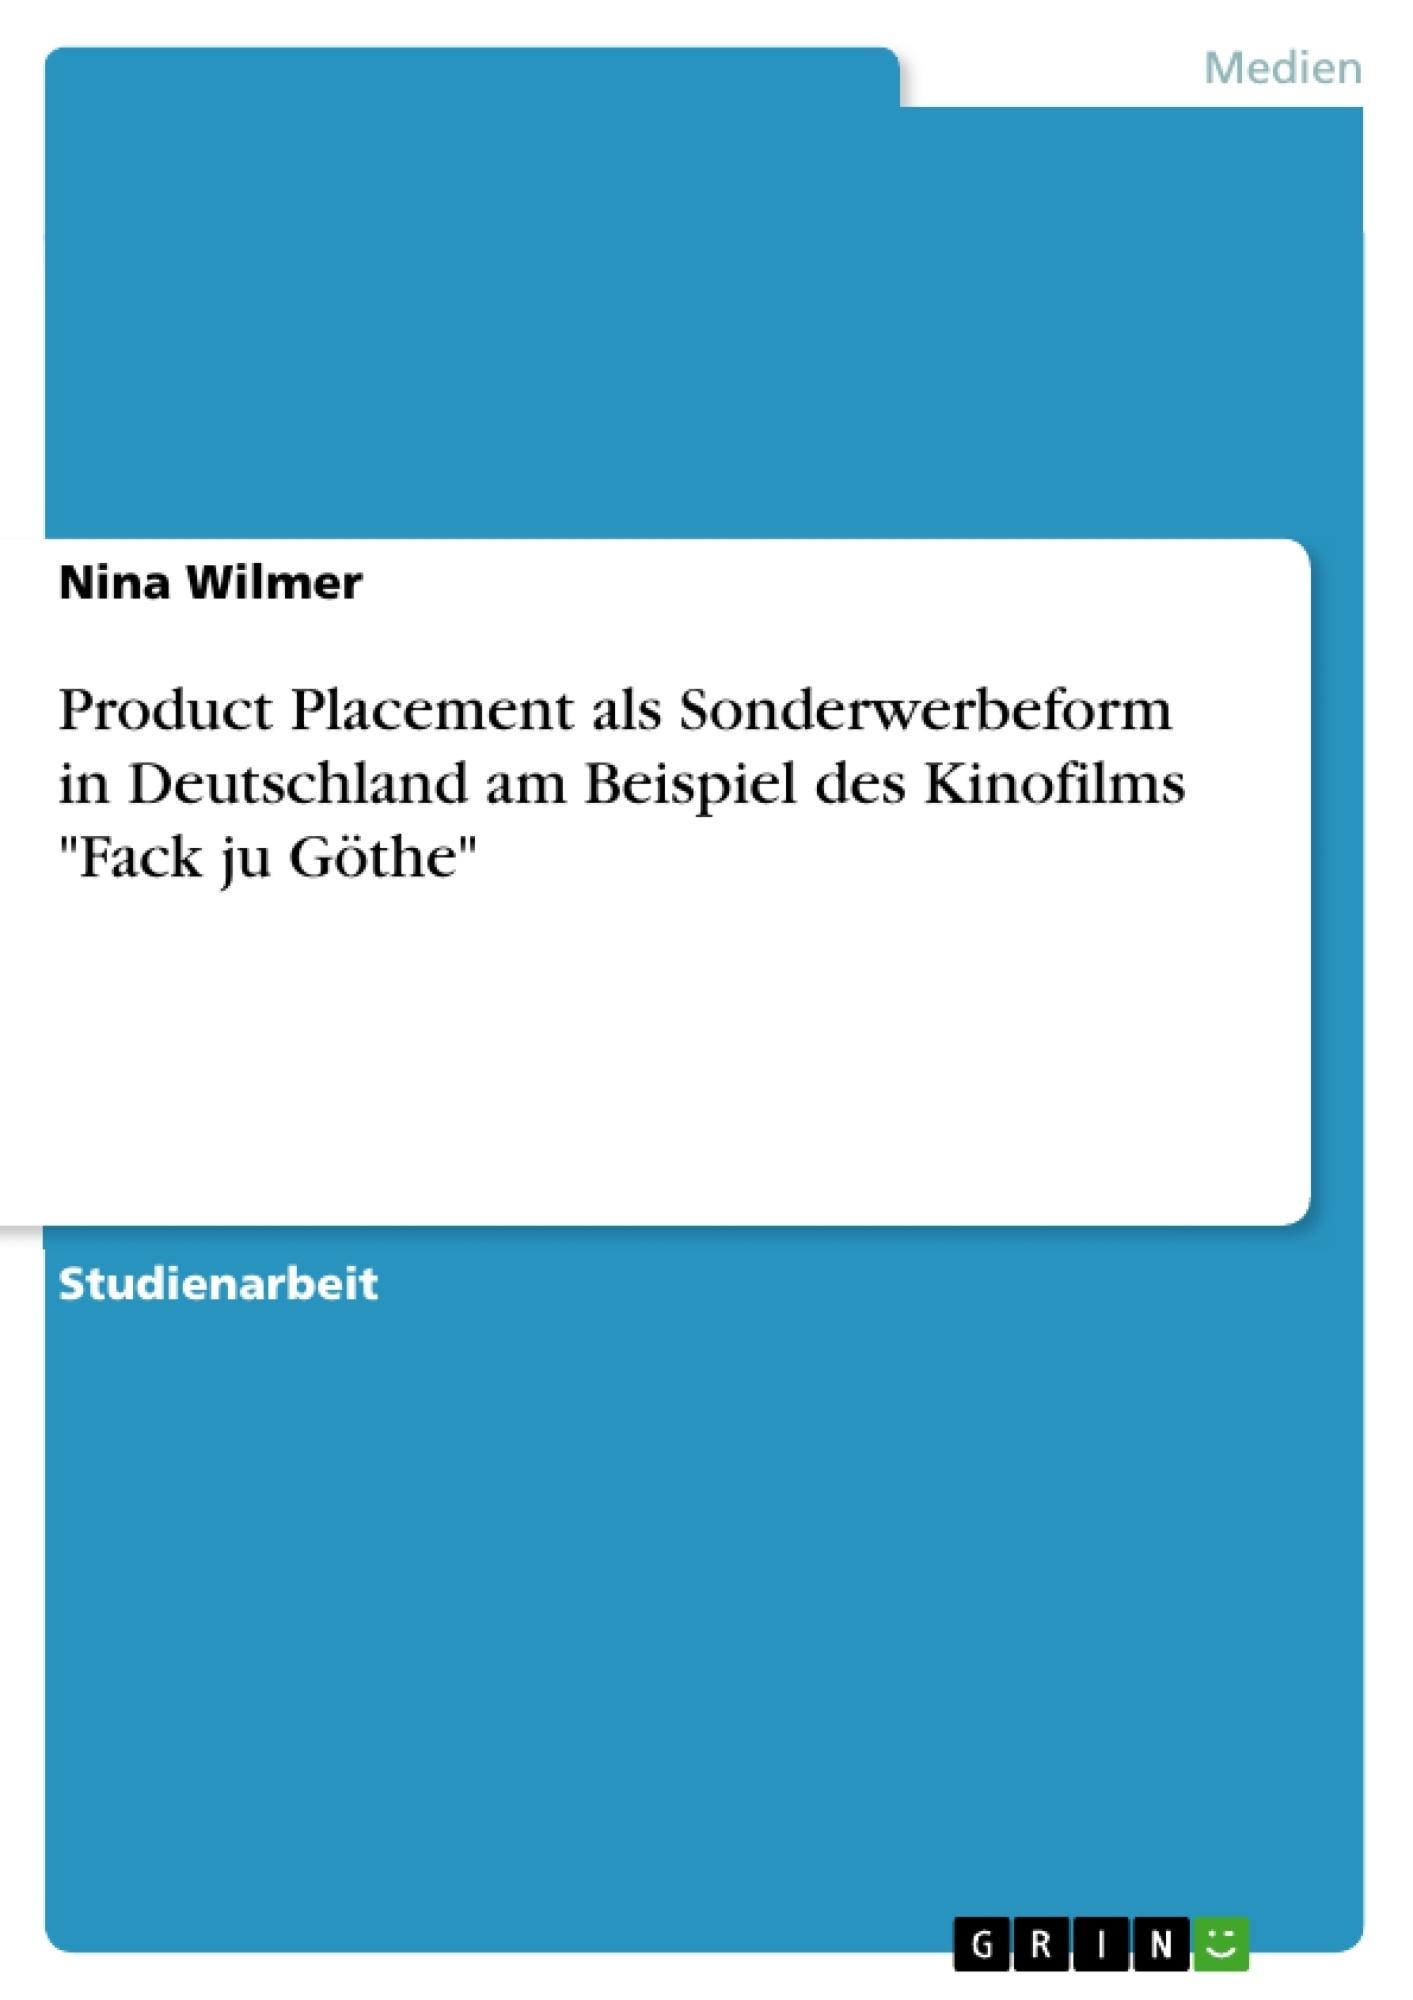 """Titel: Product Placement als Sonderwerbeform in Deutschland am Beispiel des Kinofilms """"Fack ju Göthe"""""""